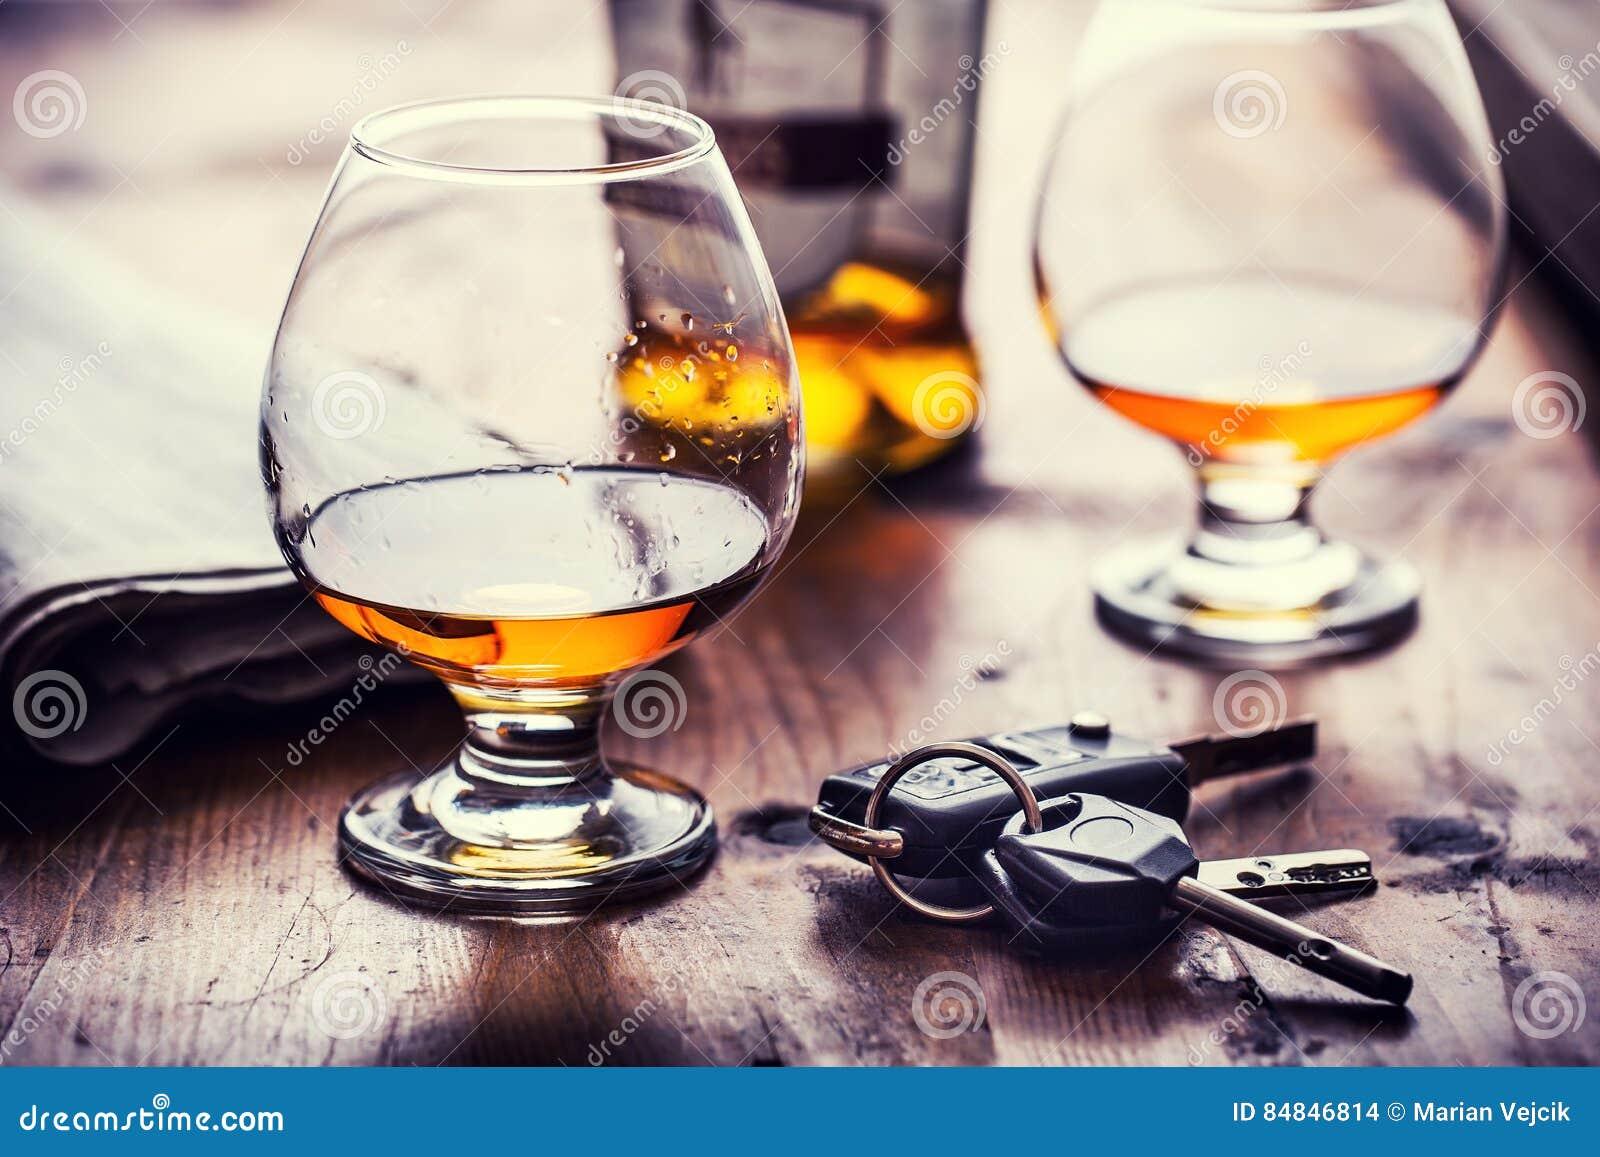 Alcoholisms 杯科涅克白兰地或白兰地酒手人钥匙对汽车和不负责任的司机